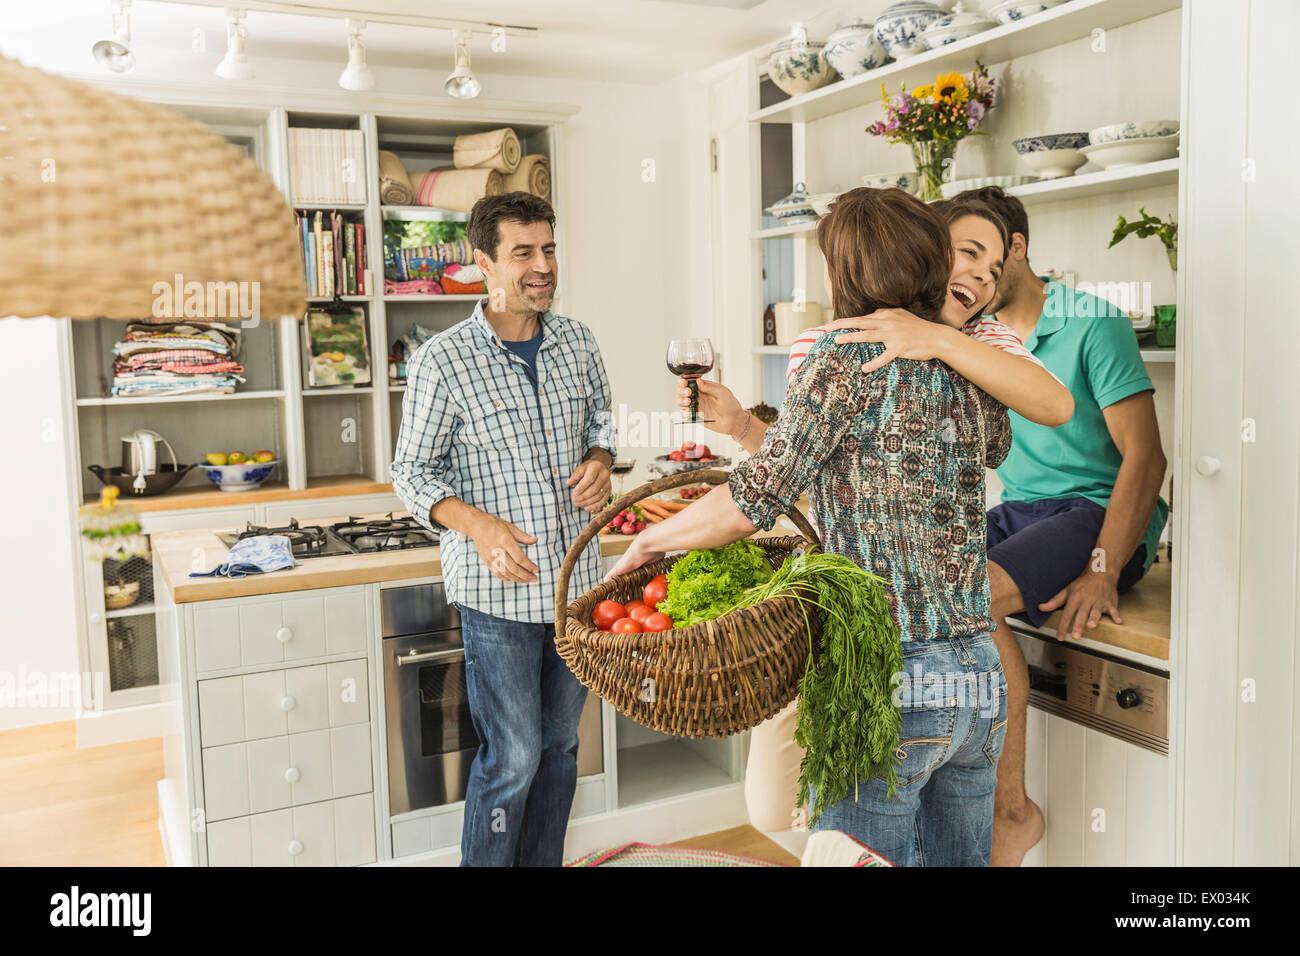 Quattro amici adulti saluto in cucina Immagini Stock